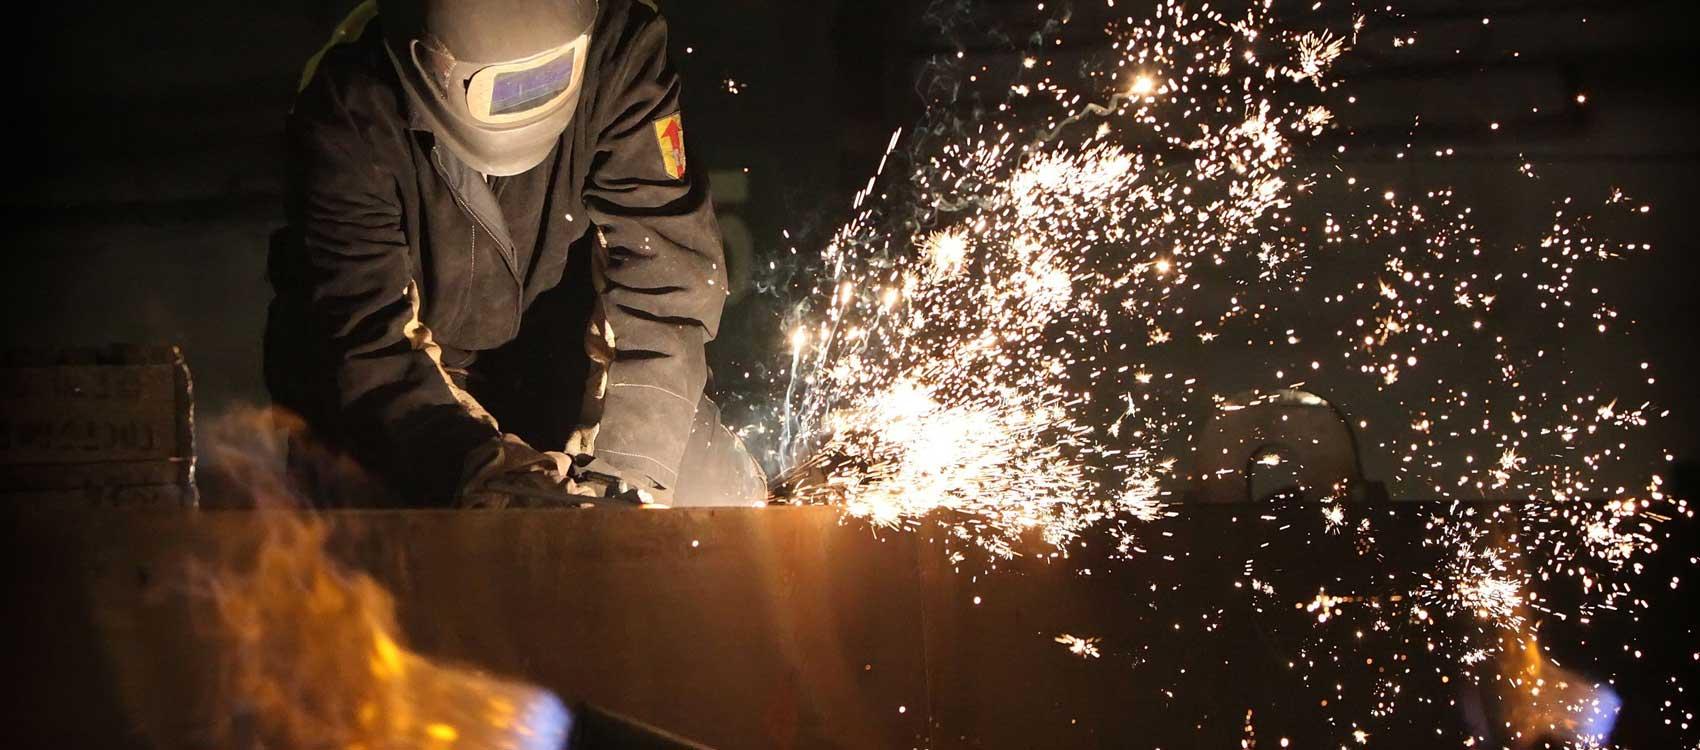 KLK-welding-services-hanover-pa-metal-fabrication-sparks-slide1